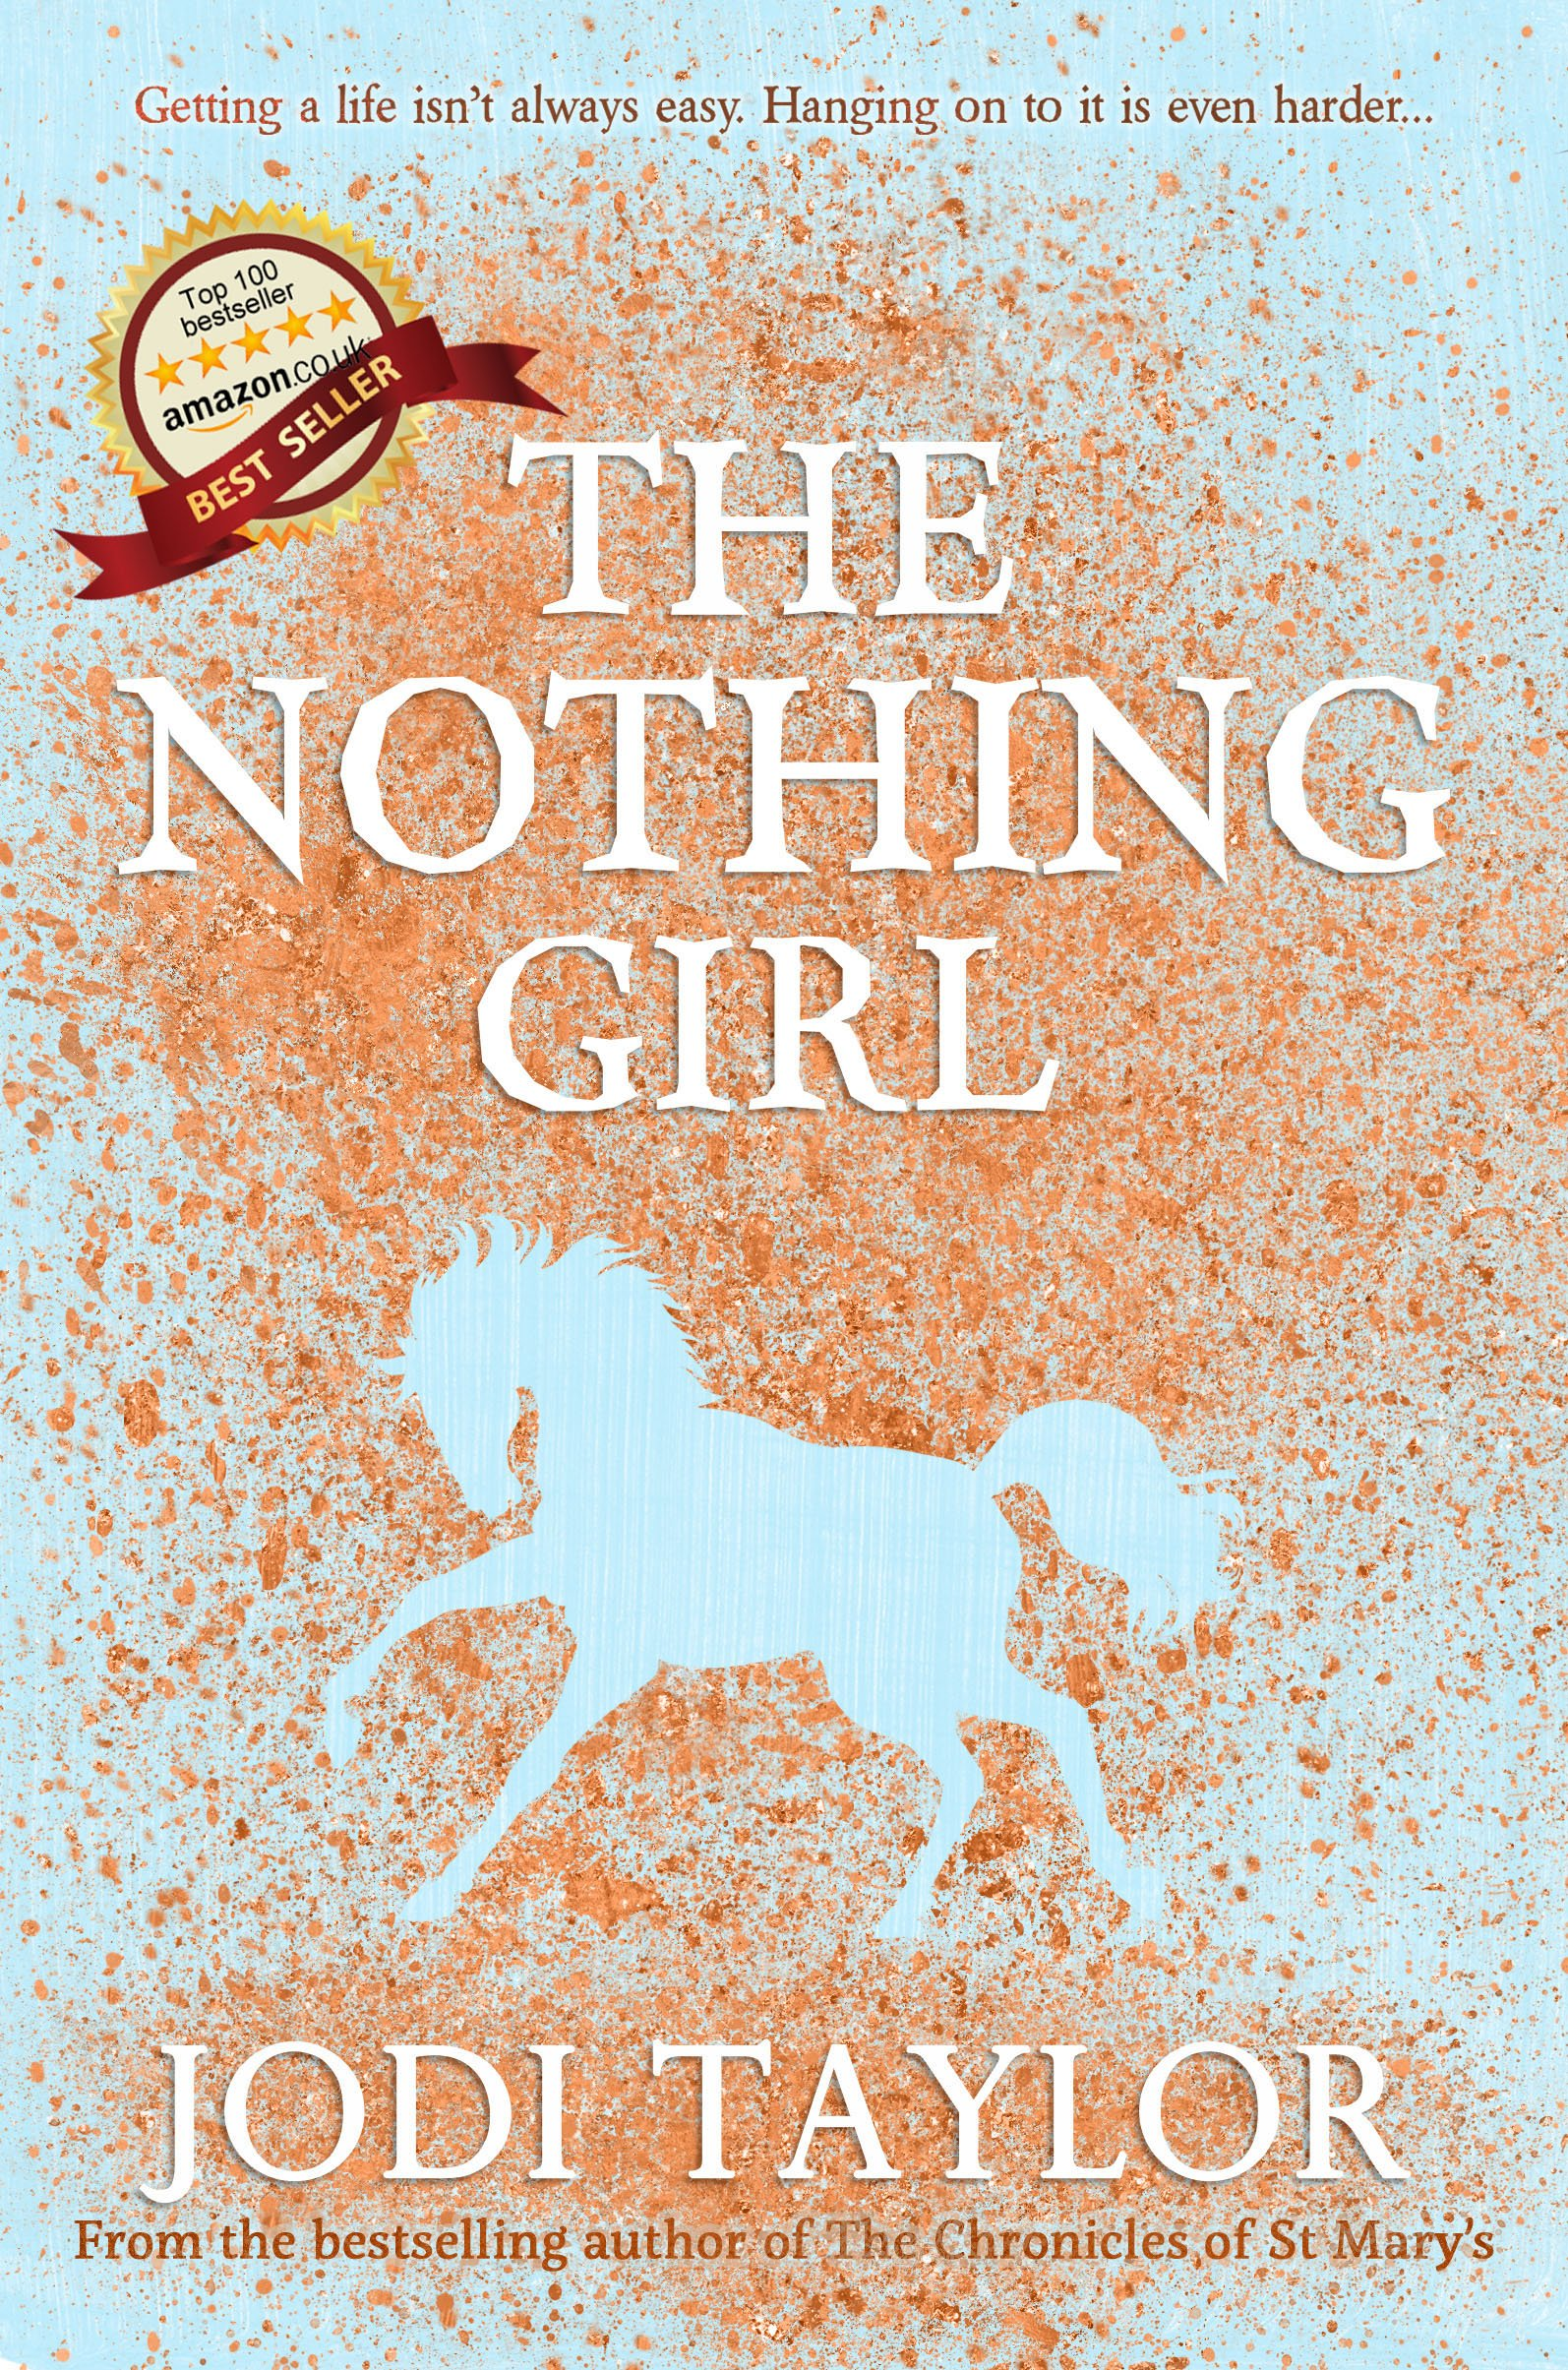 自信がない大人のための童話的小説 The Nothing Girl